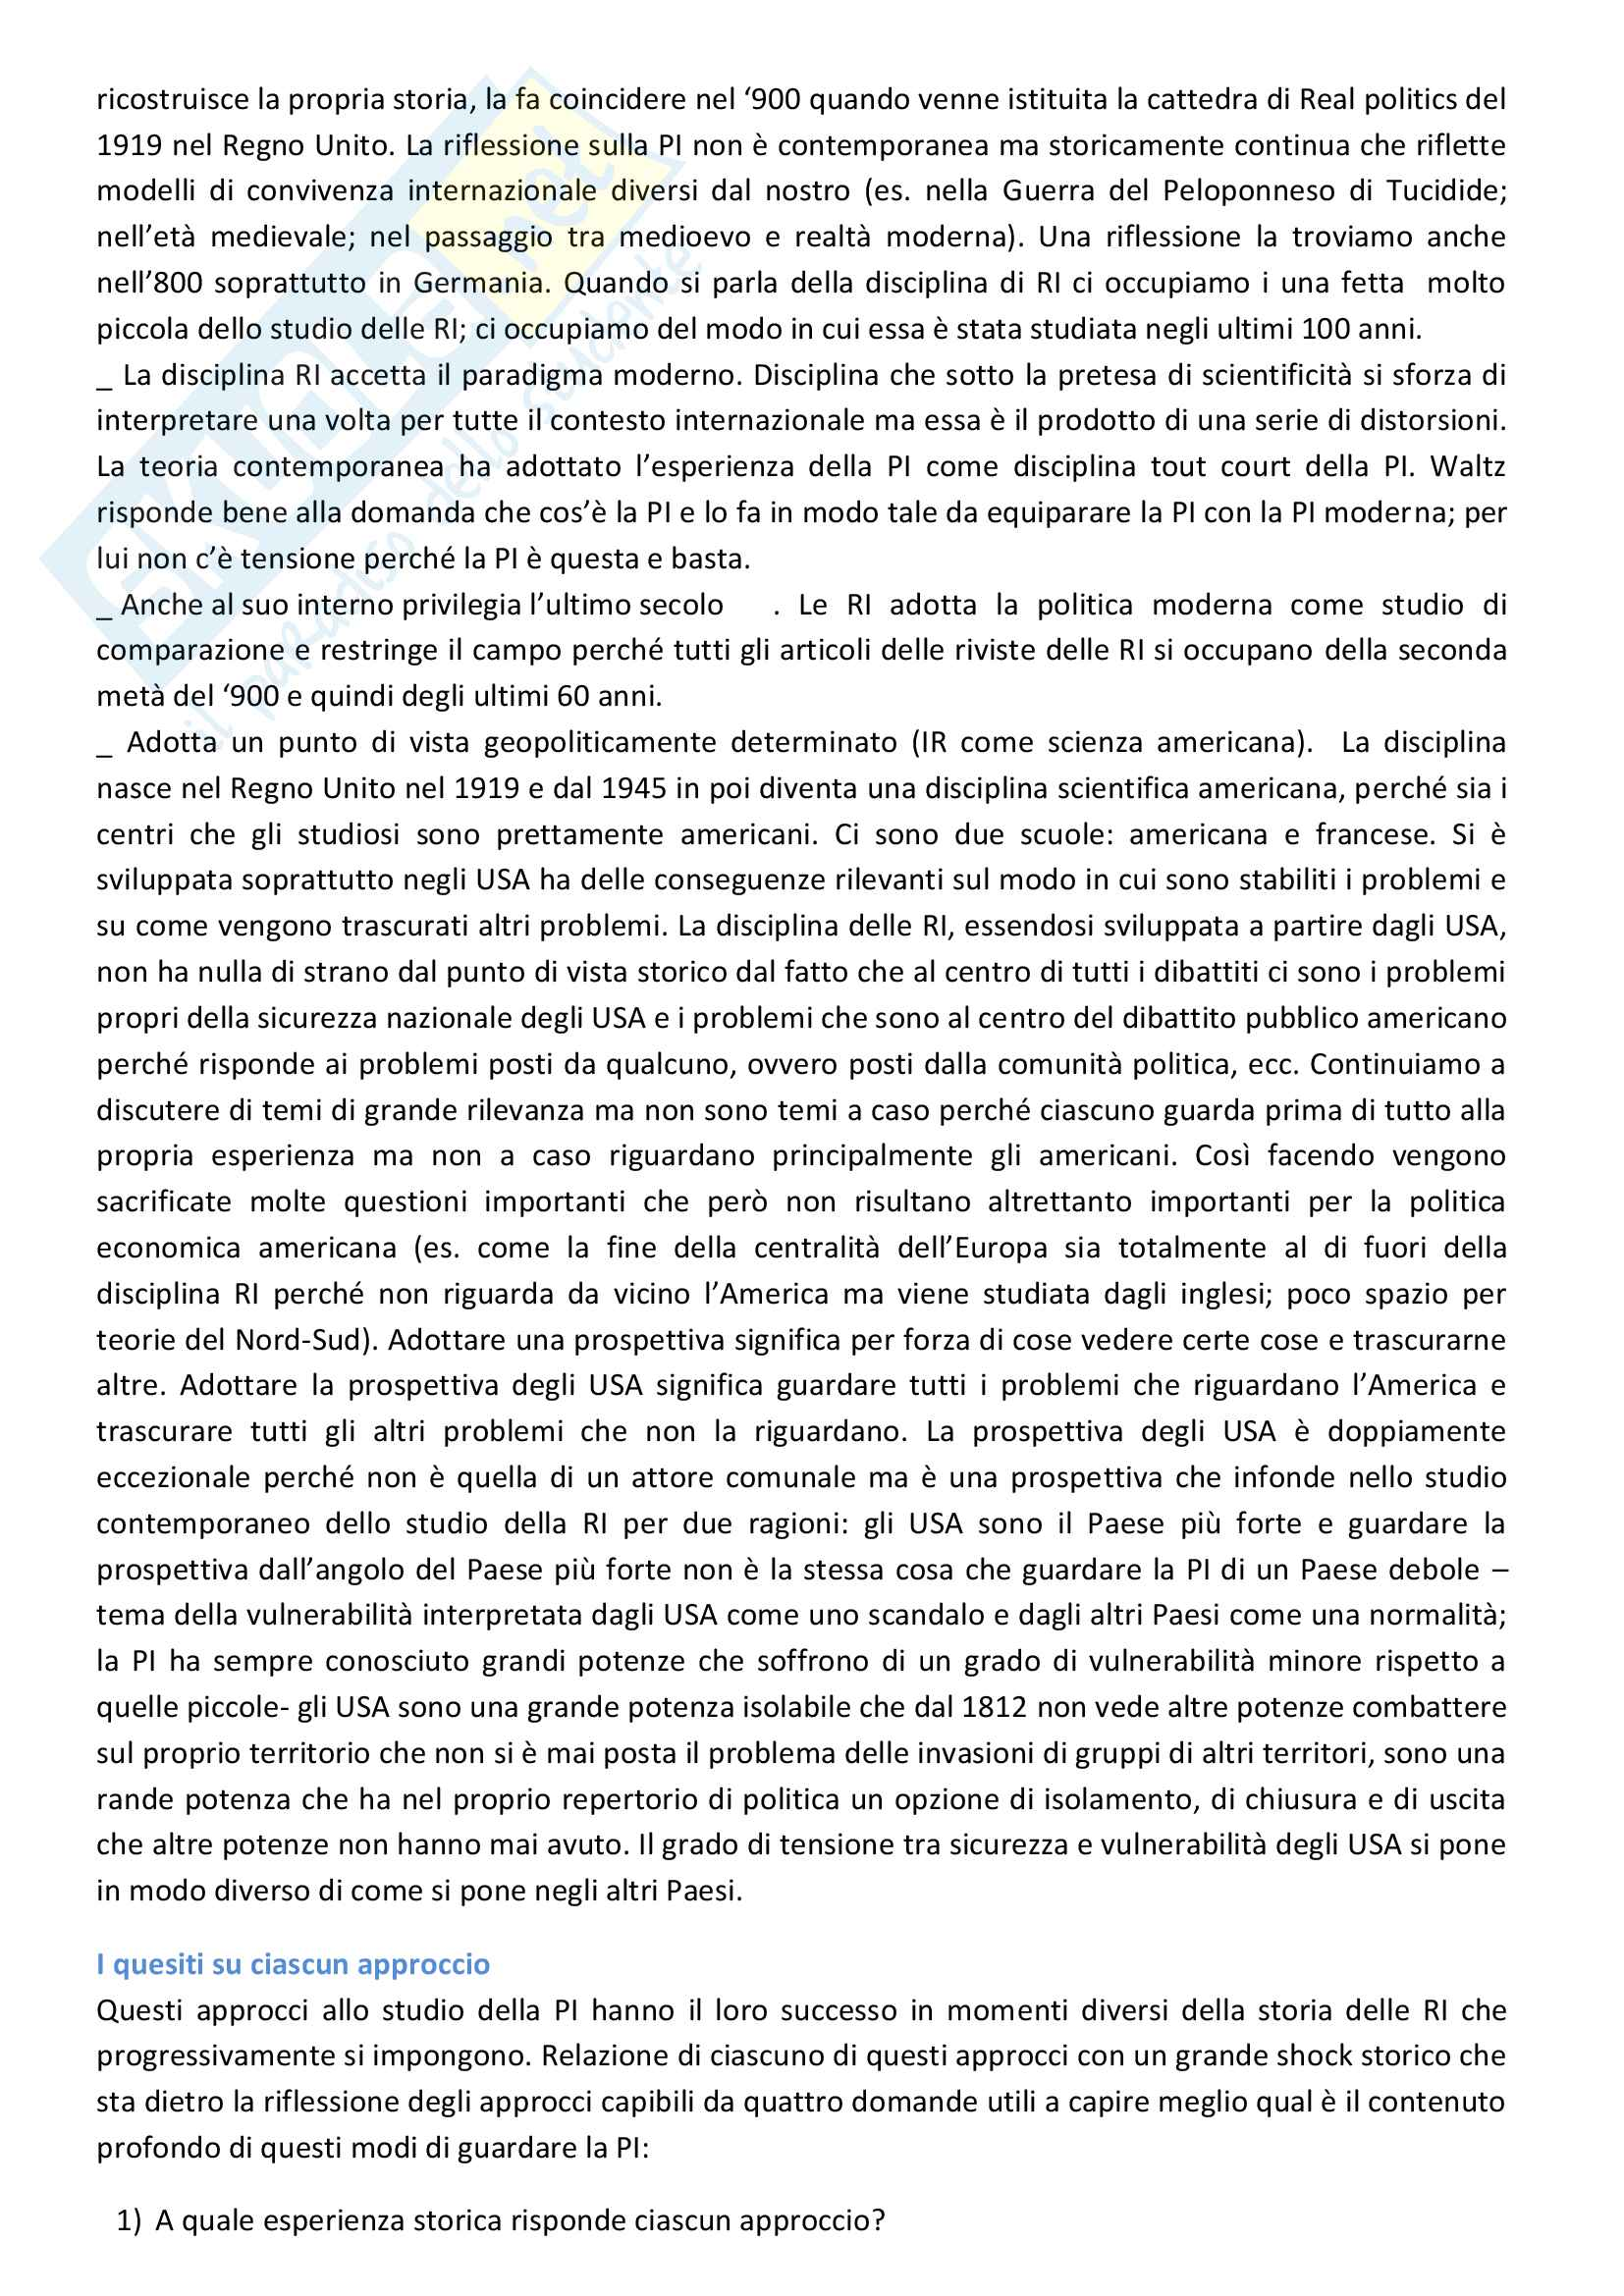 Sunto di Relazioni internazionali, prof. Colombo,UNIMI Pag. 6